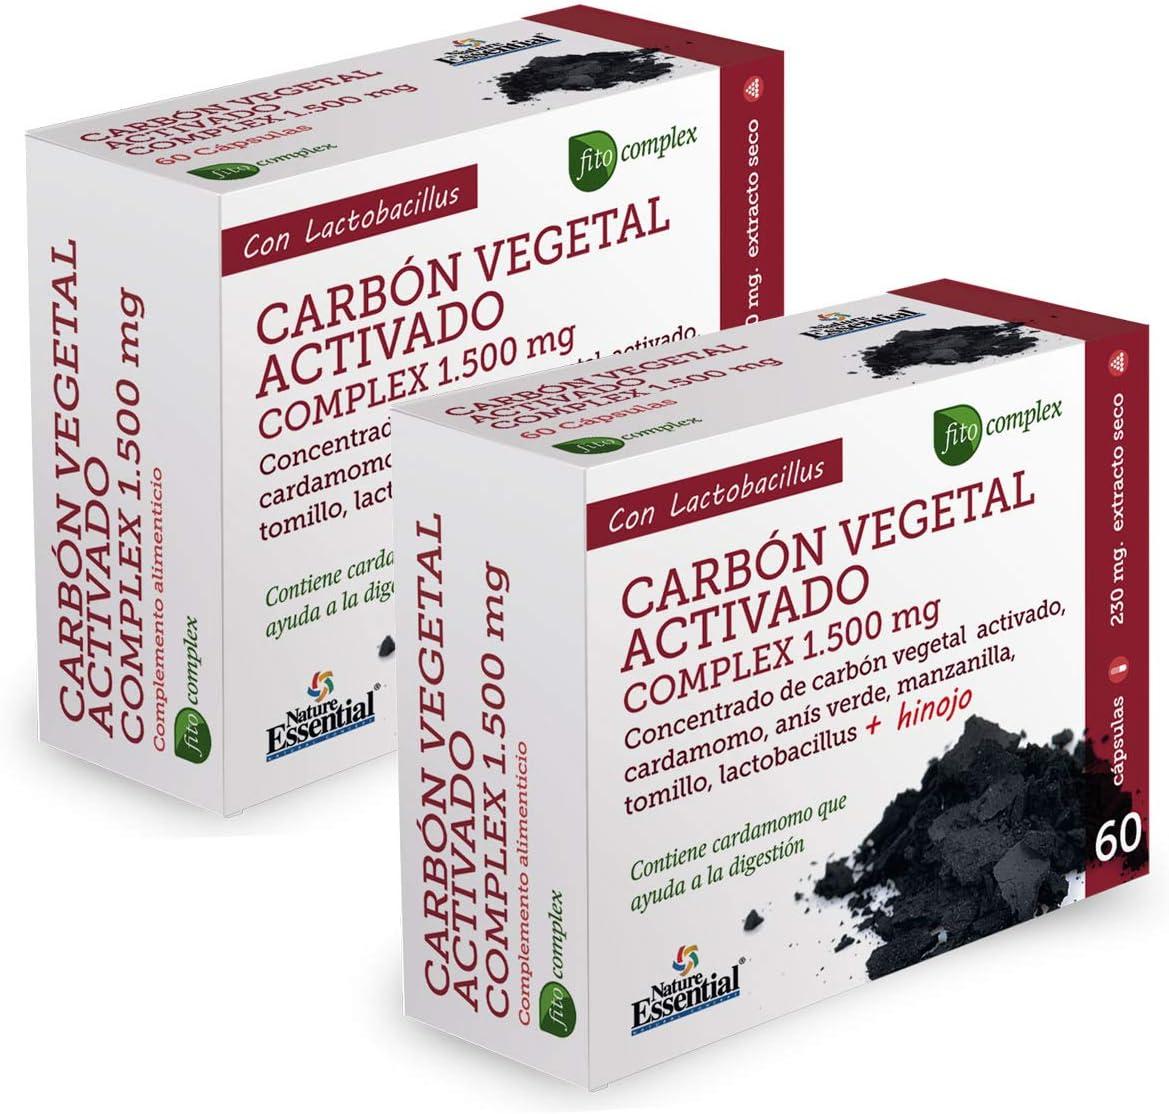 Carbón vegetal activado (complex) 1500 mg. (ext. seco) 60 cápsulas (Pack 2 unid.)